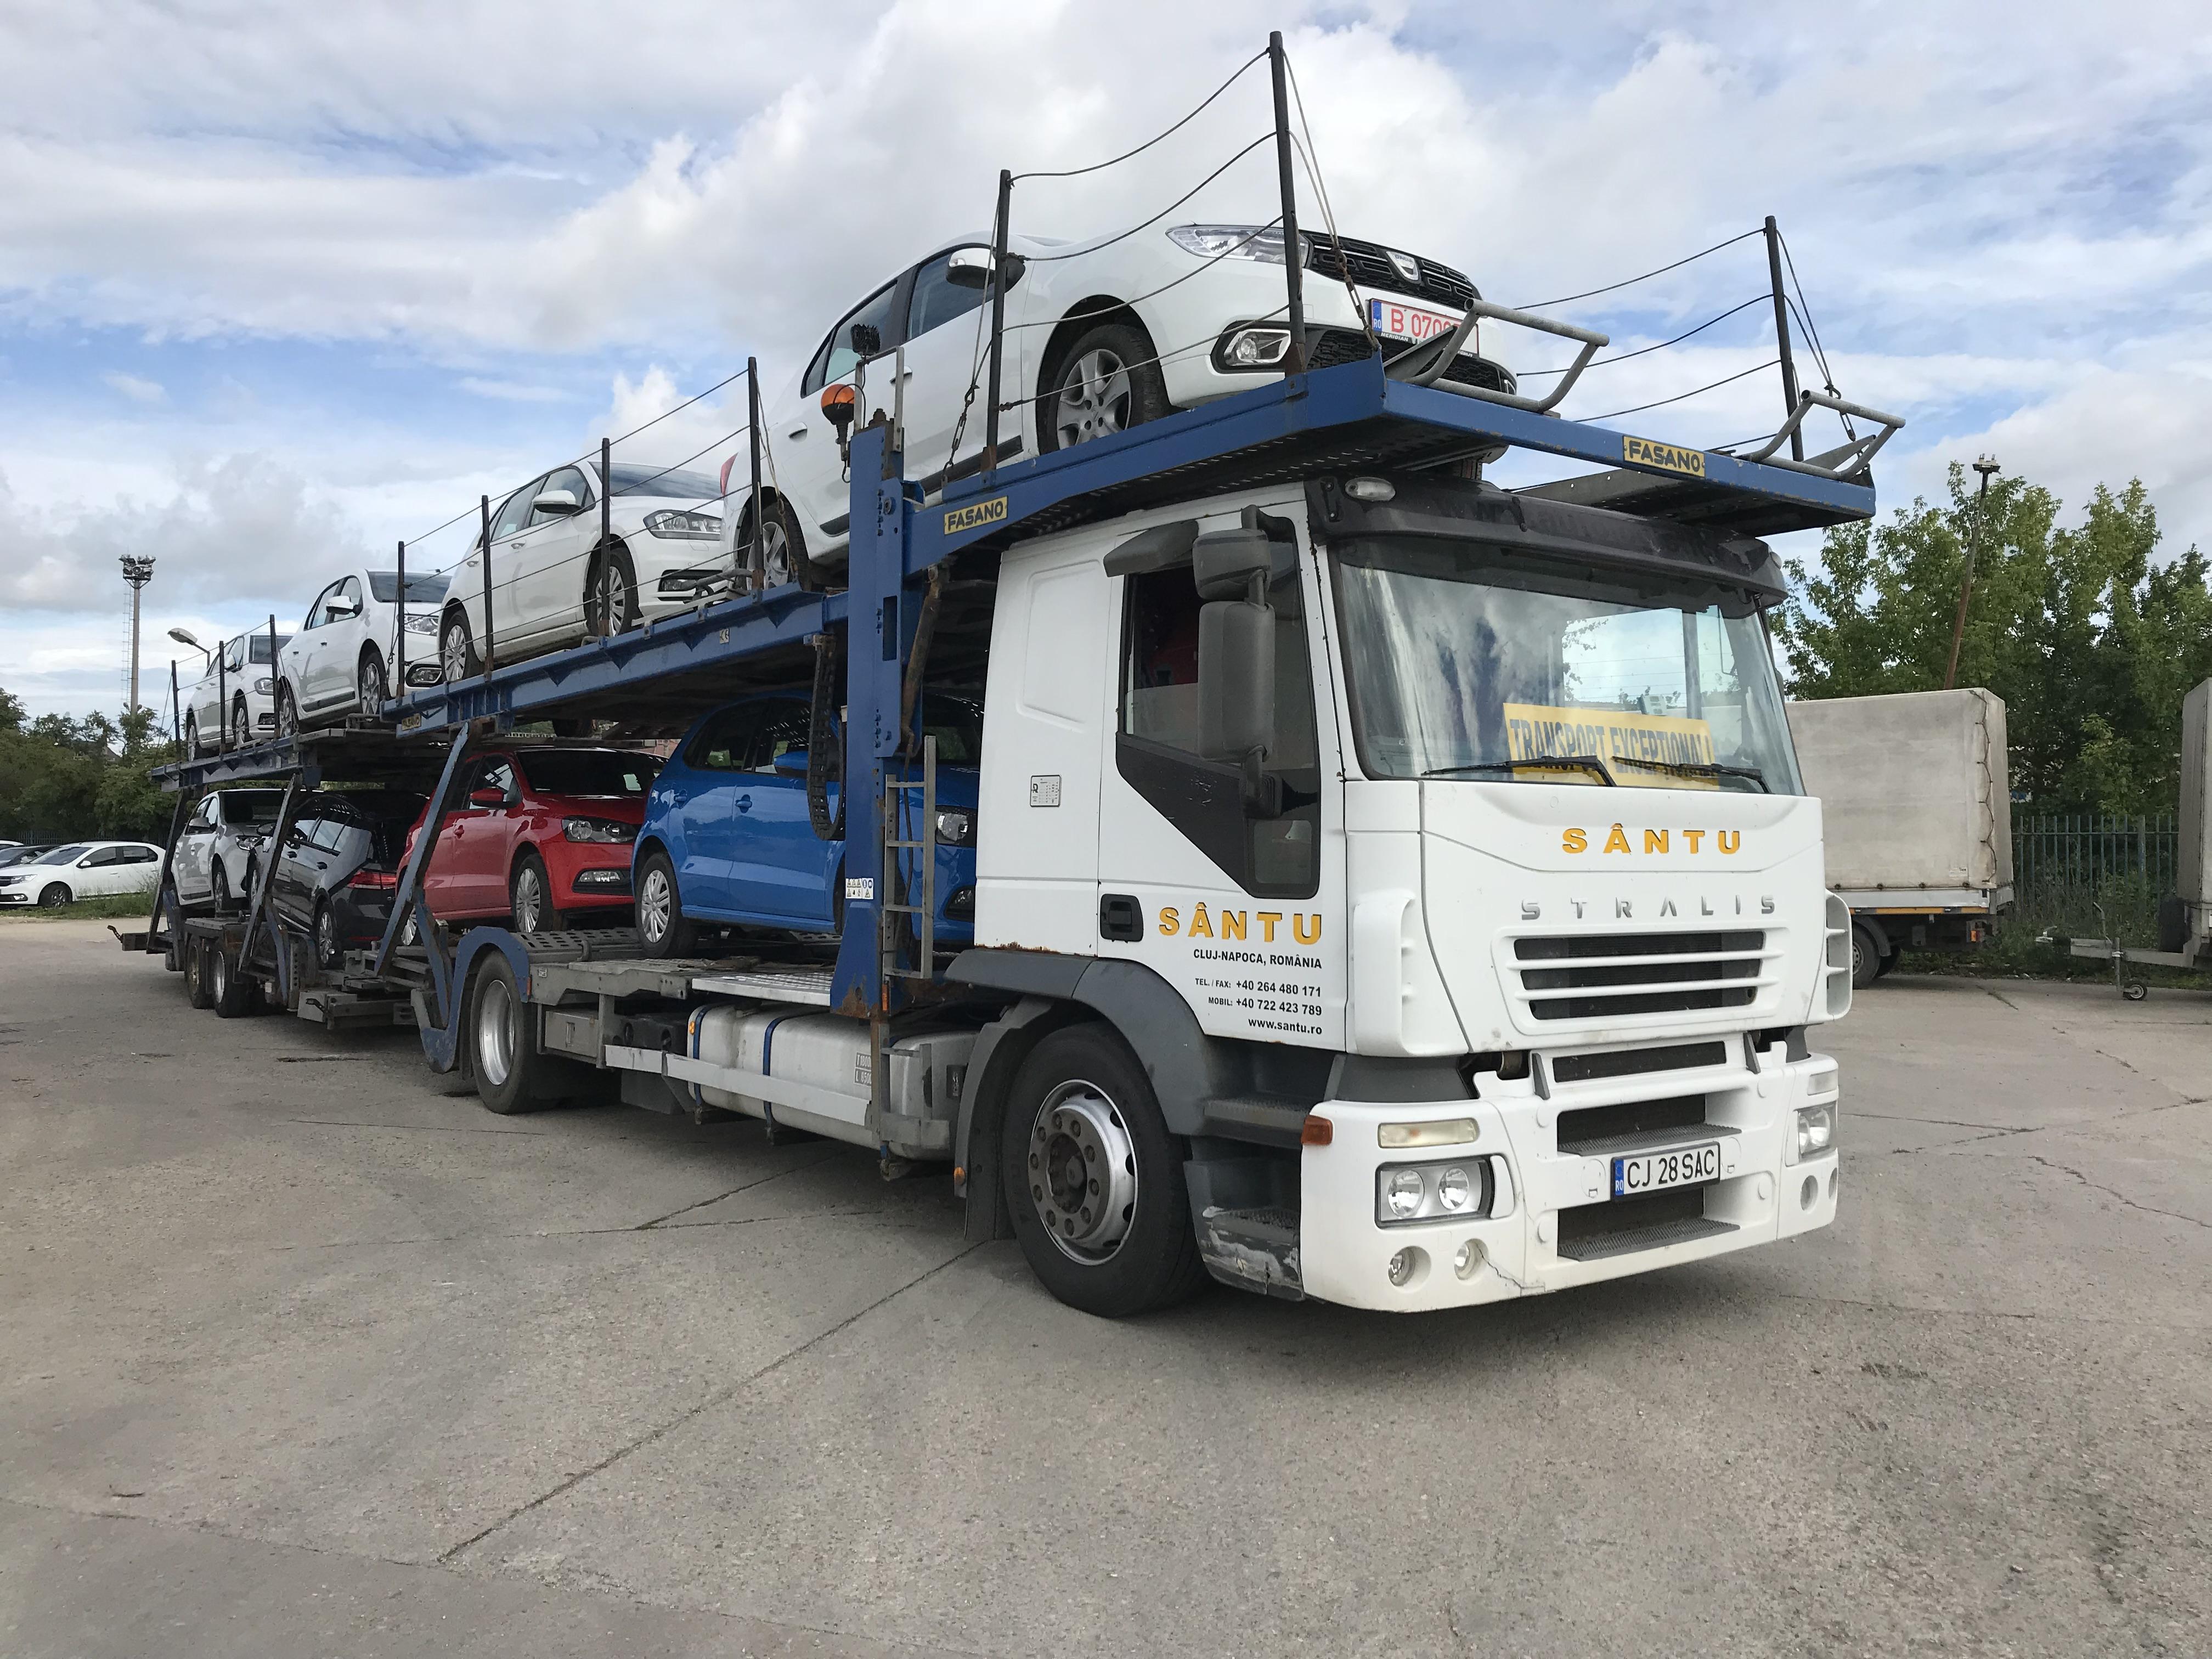 Transportoare specializate